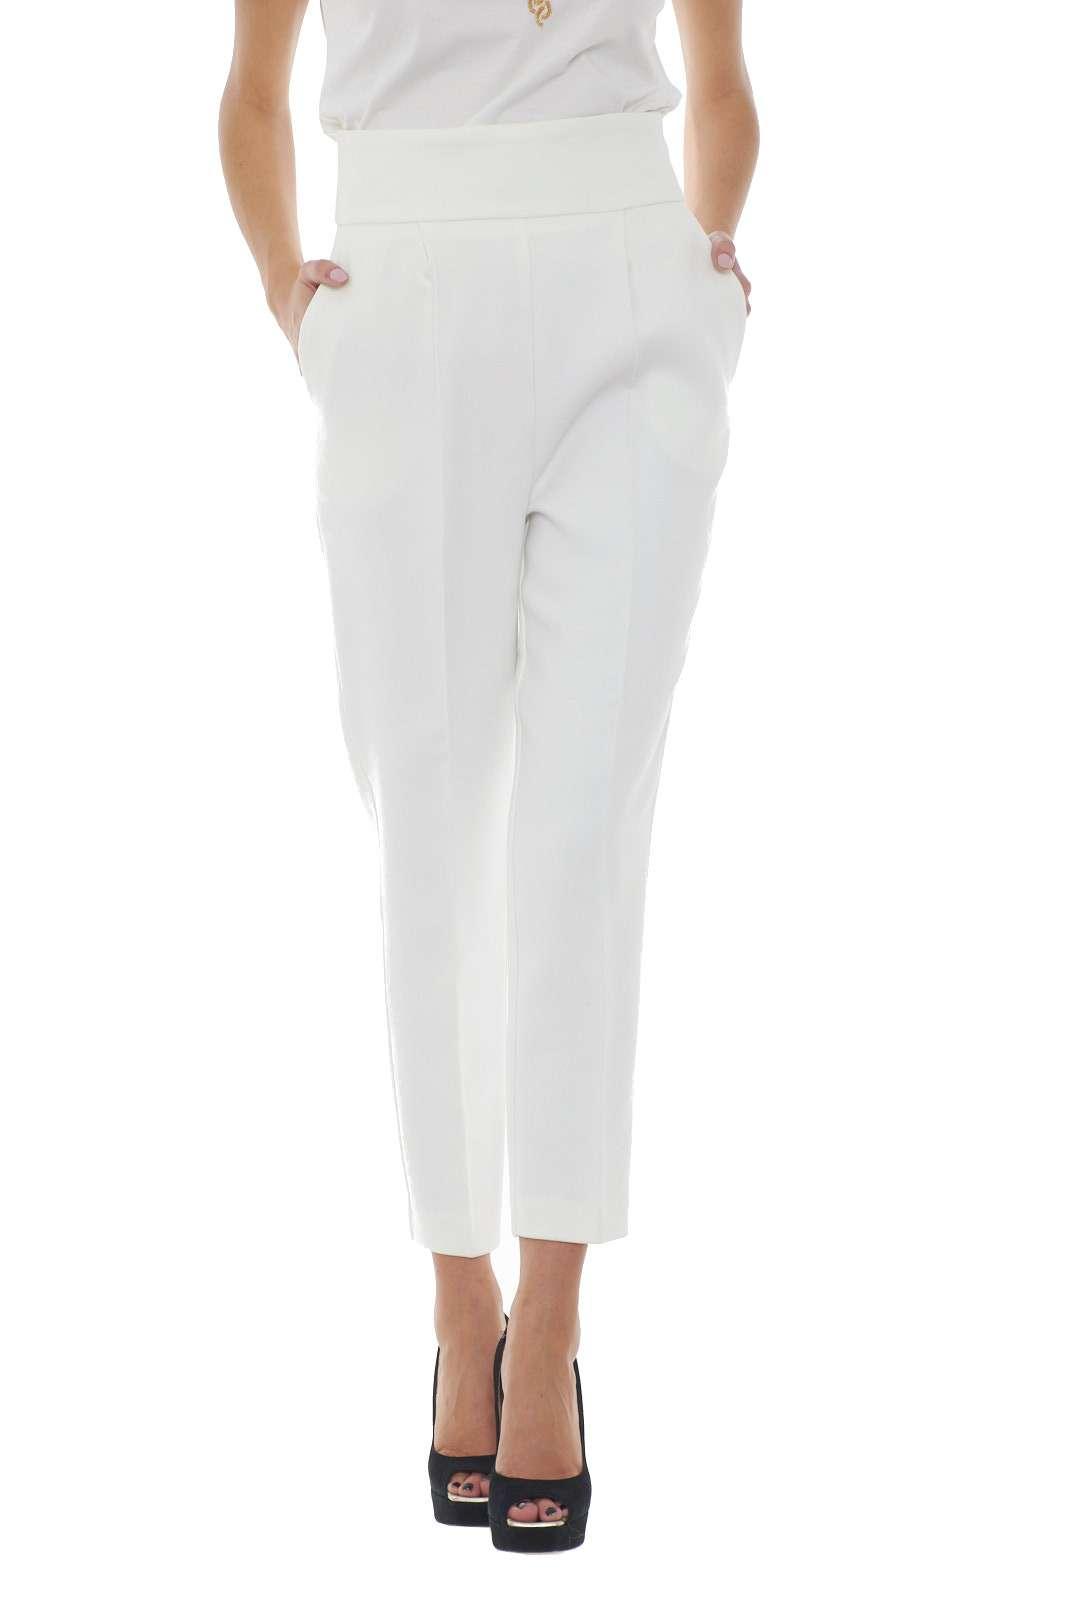 Scopri il nuovo pantalone a vita alta NATALIA 1 firmato Pinko. La vestibilità a sigaretta definisce la silhouette per un tocco glamour. Da abbinare a T shirt a bluse, si adatta ad ogni look.